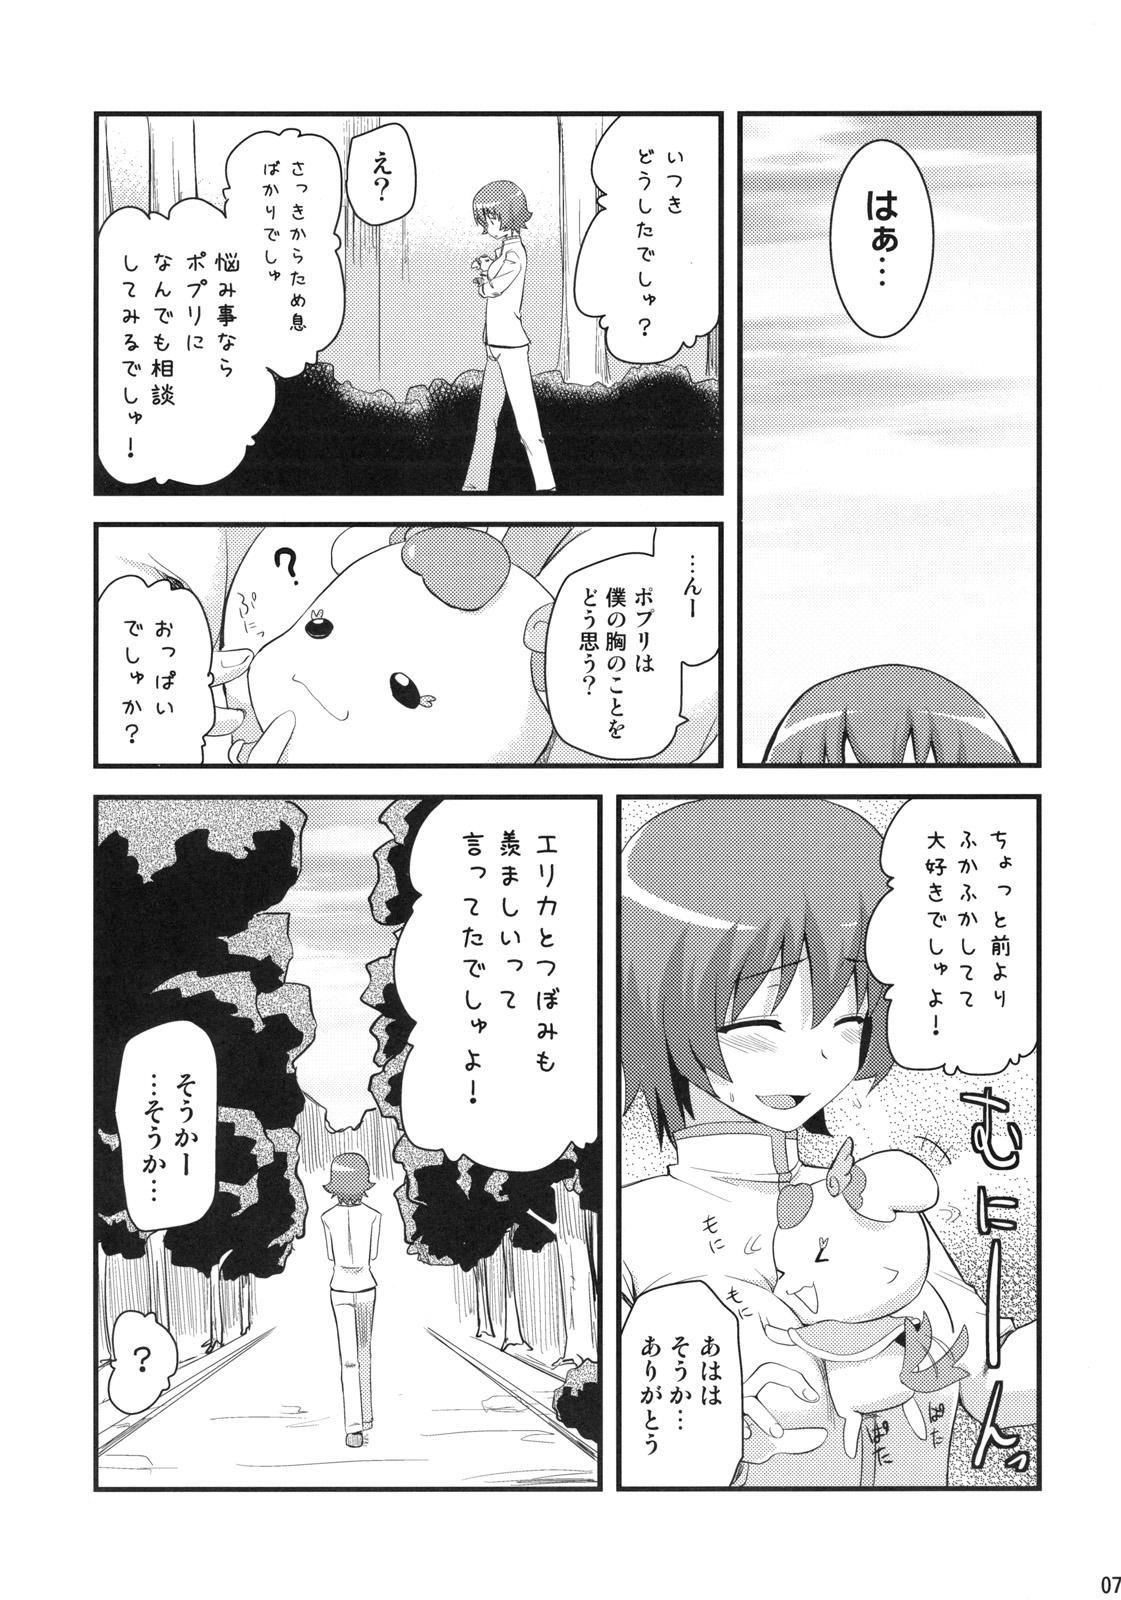 Precure Henshin no Eikyou to, Oniichan ni Momareta sei de, Oppai ga Ookiku natta Itsuki no Ohanashi. 5